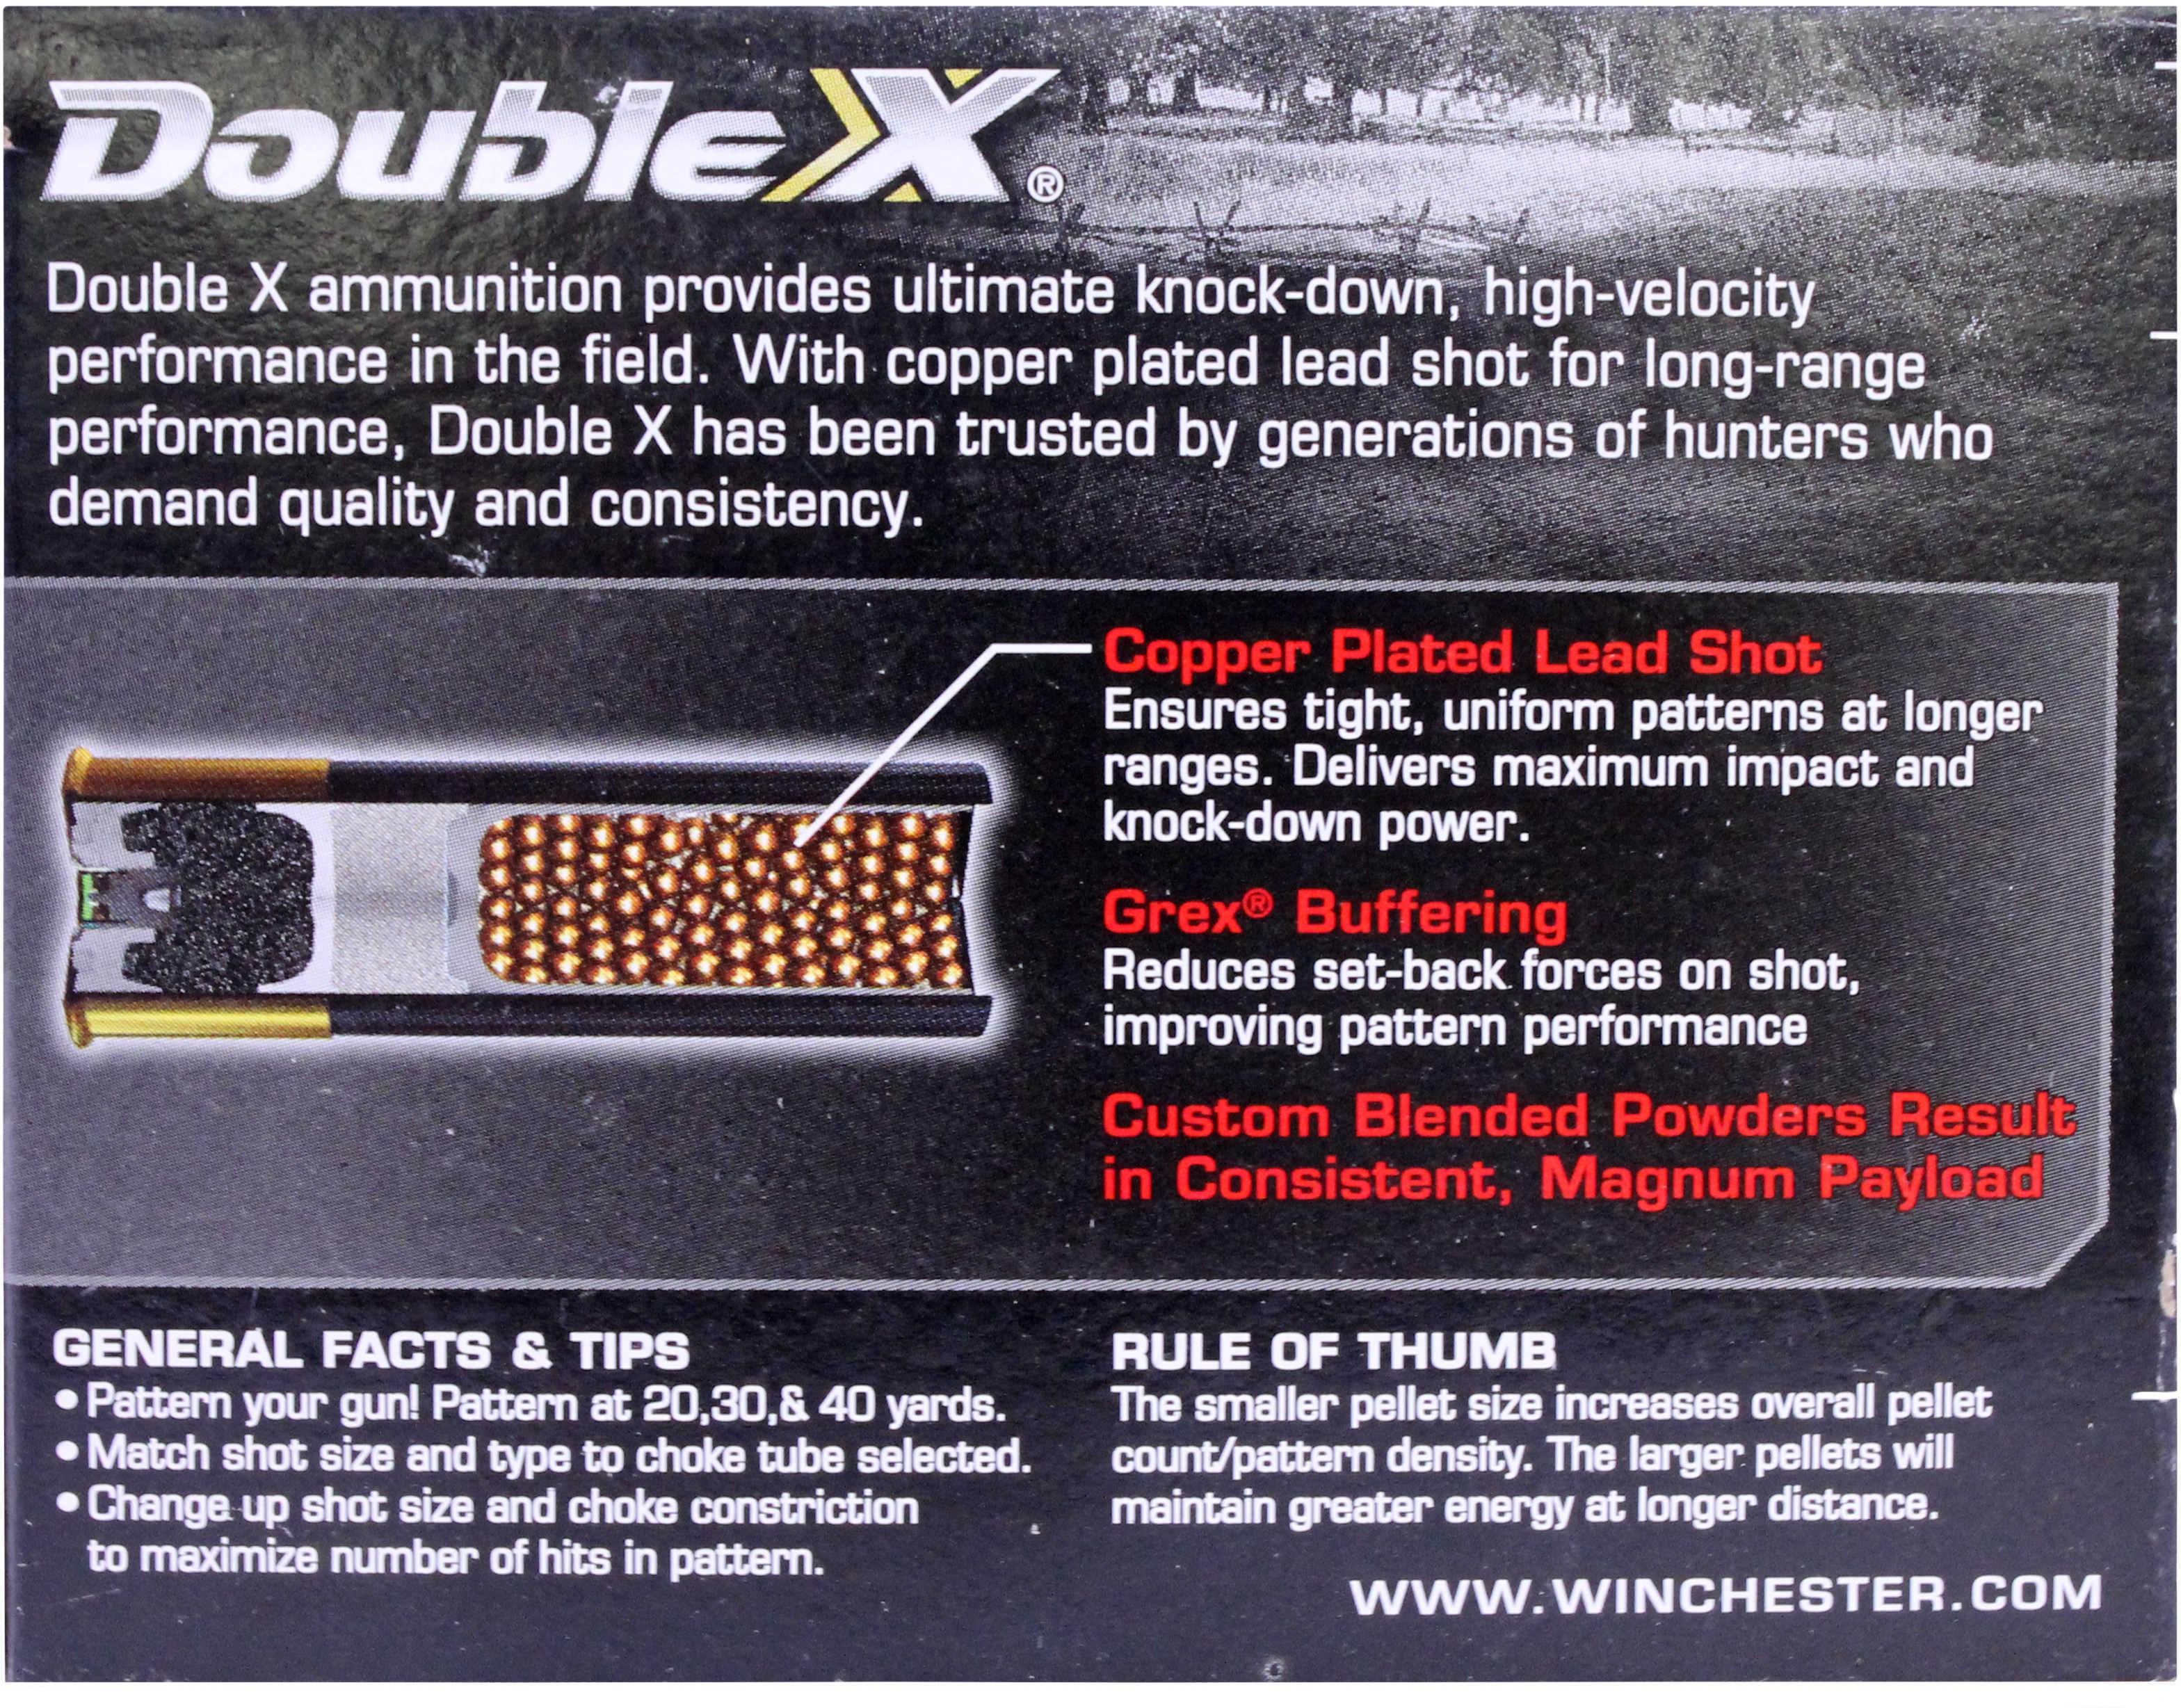 Win XXT12L4 SUPRM-Xx TRKY 3.5 10/10